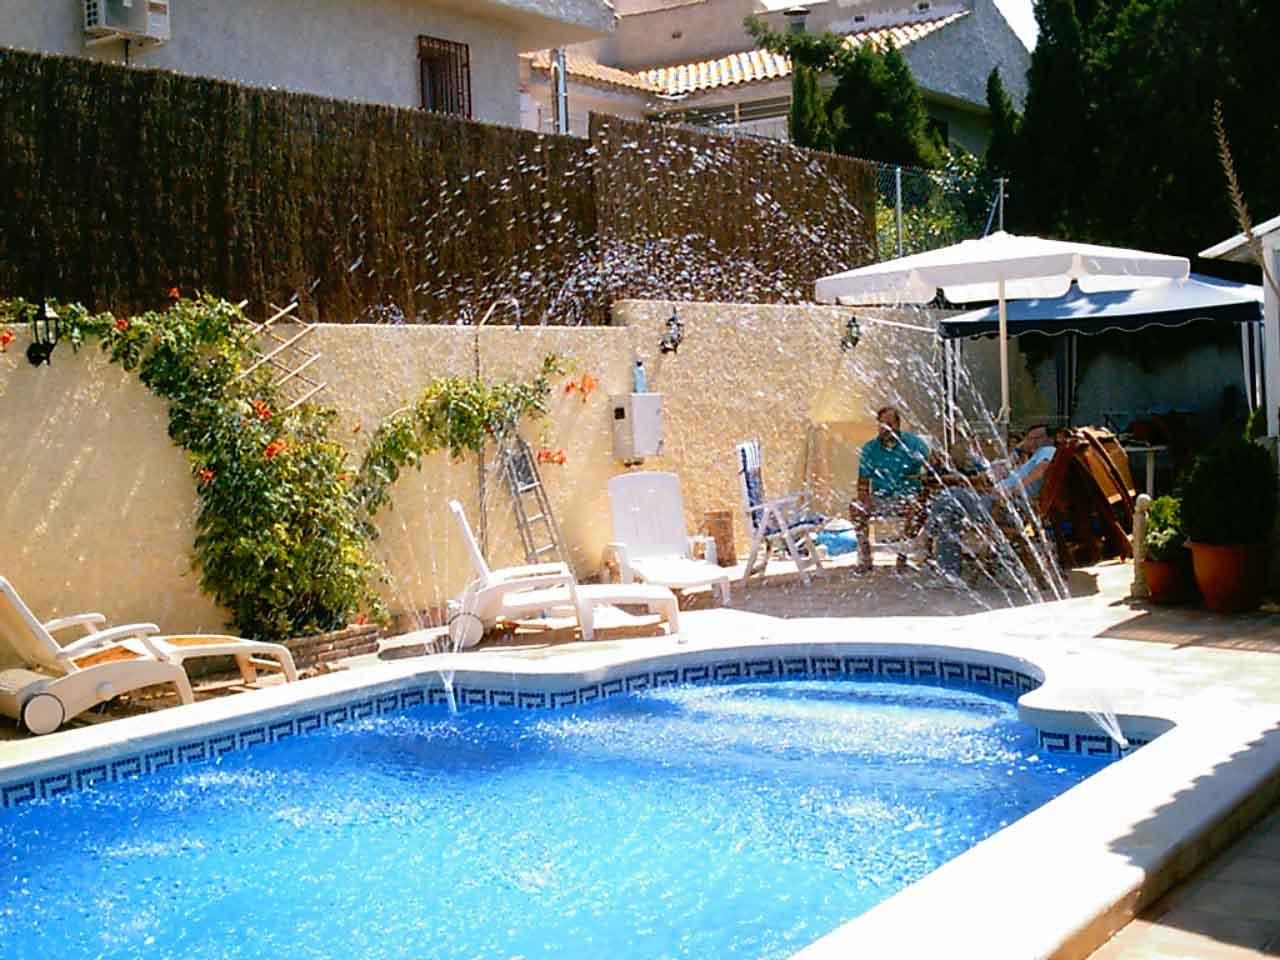 Boquillas para fuentes - Fuentes para piscinas ...